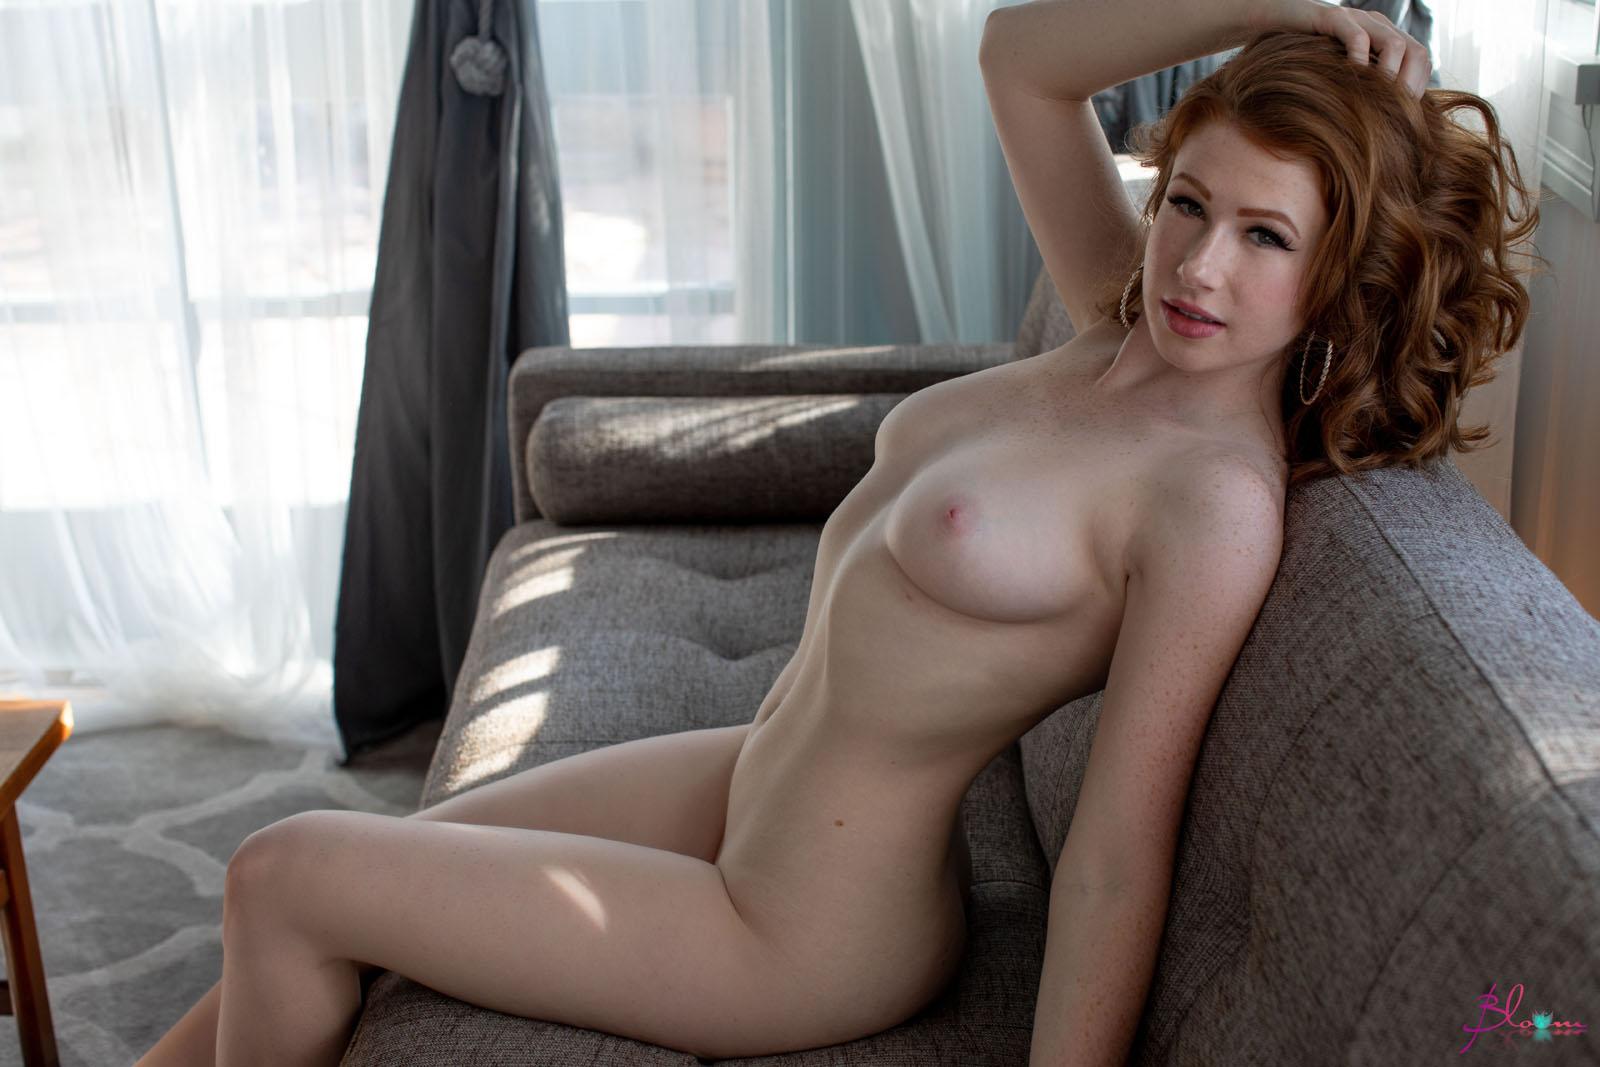 Nudes mandler Abigale Mandler